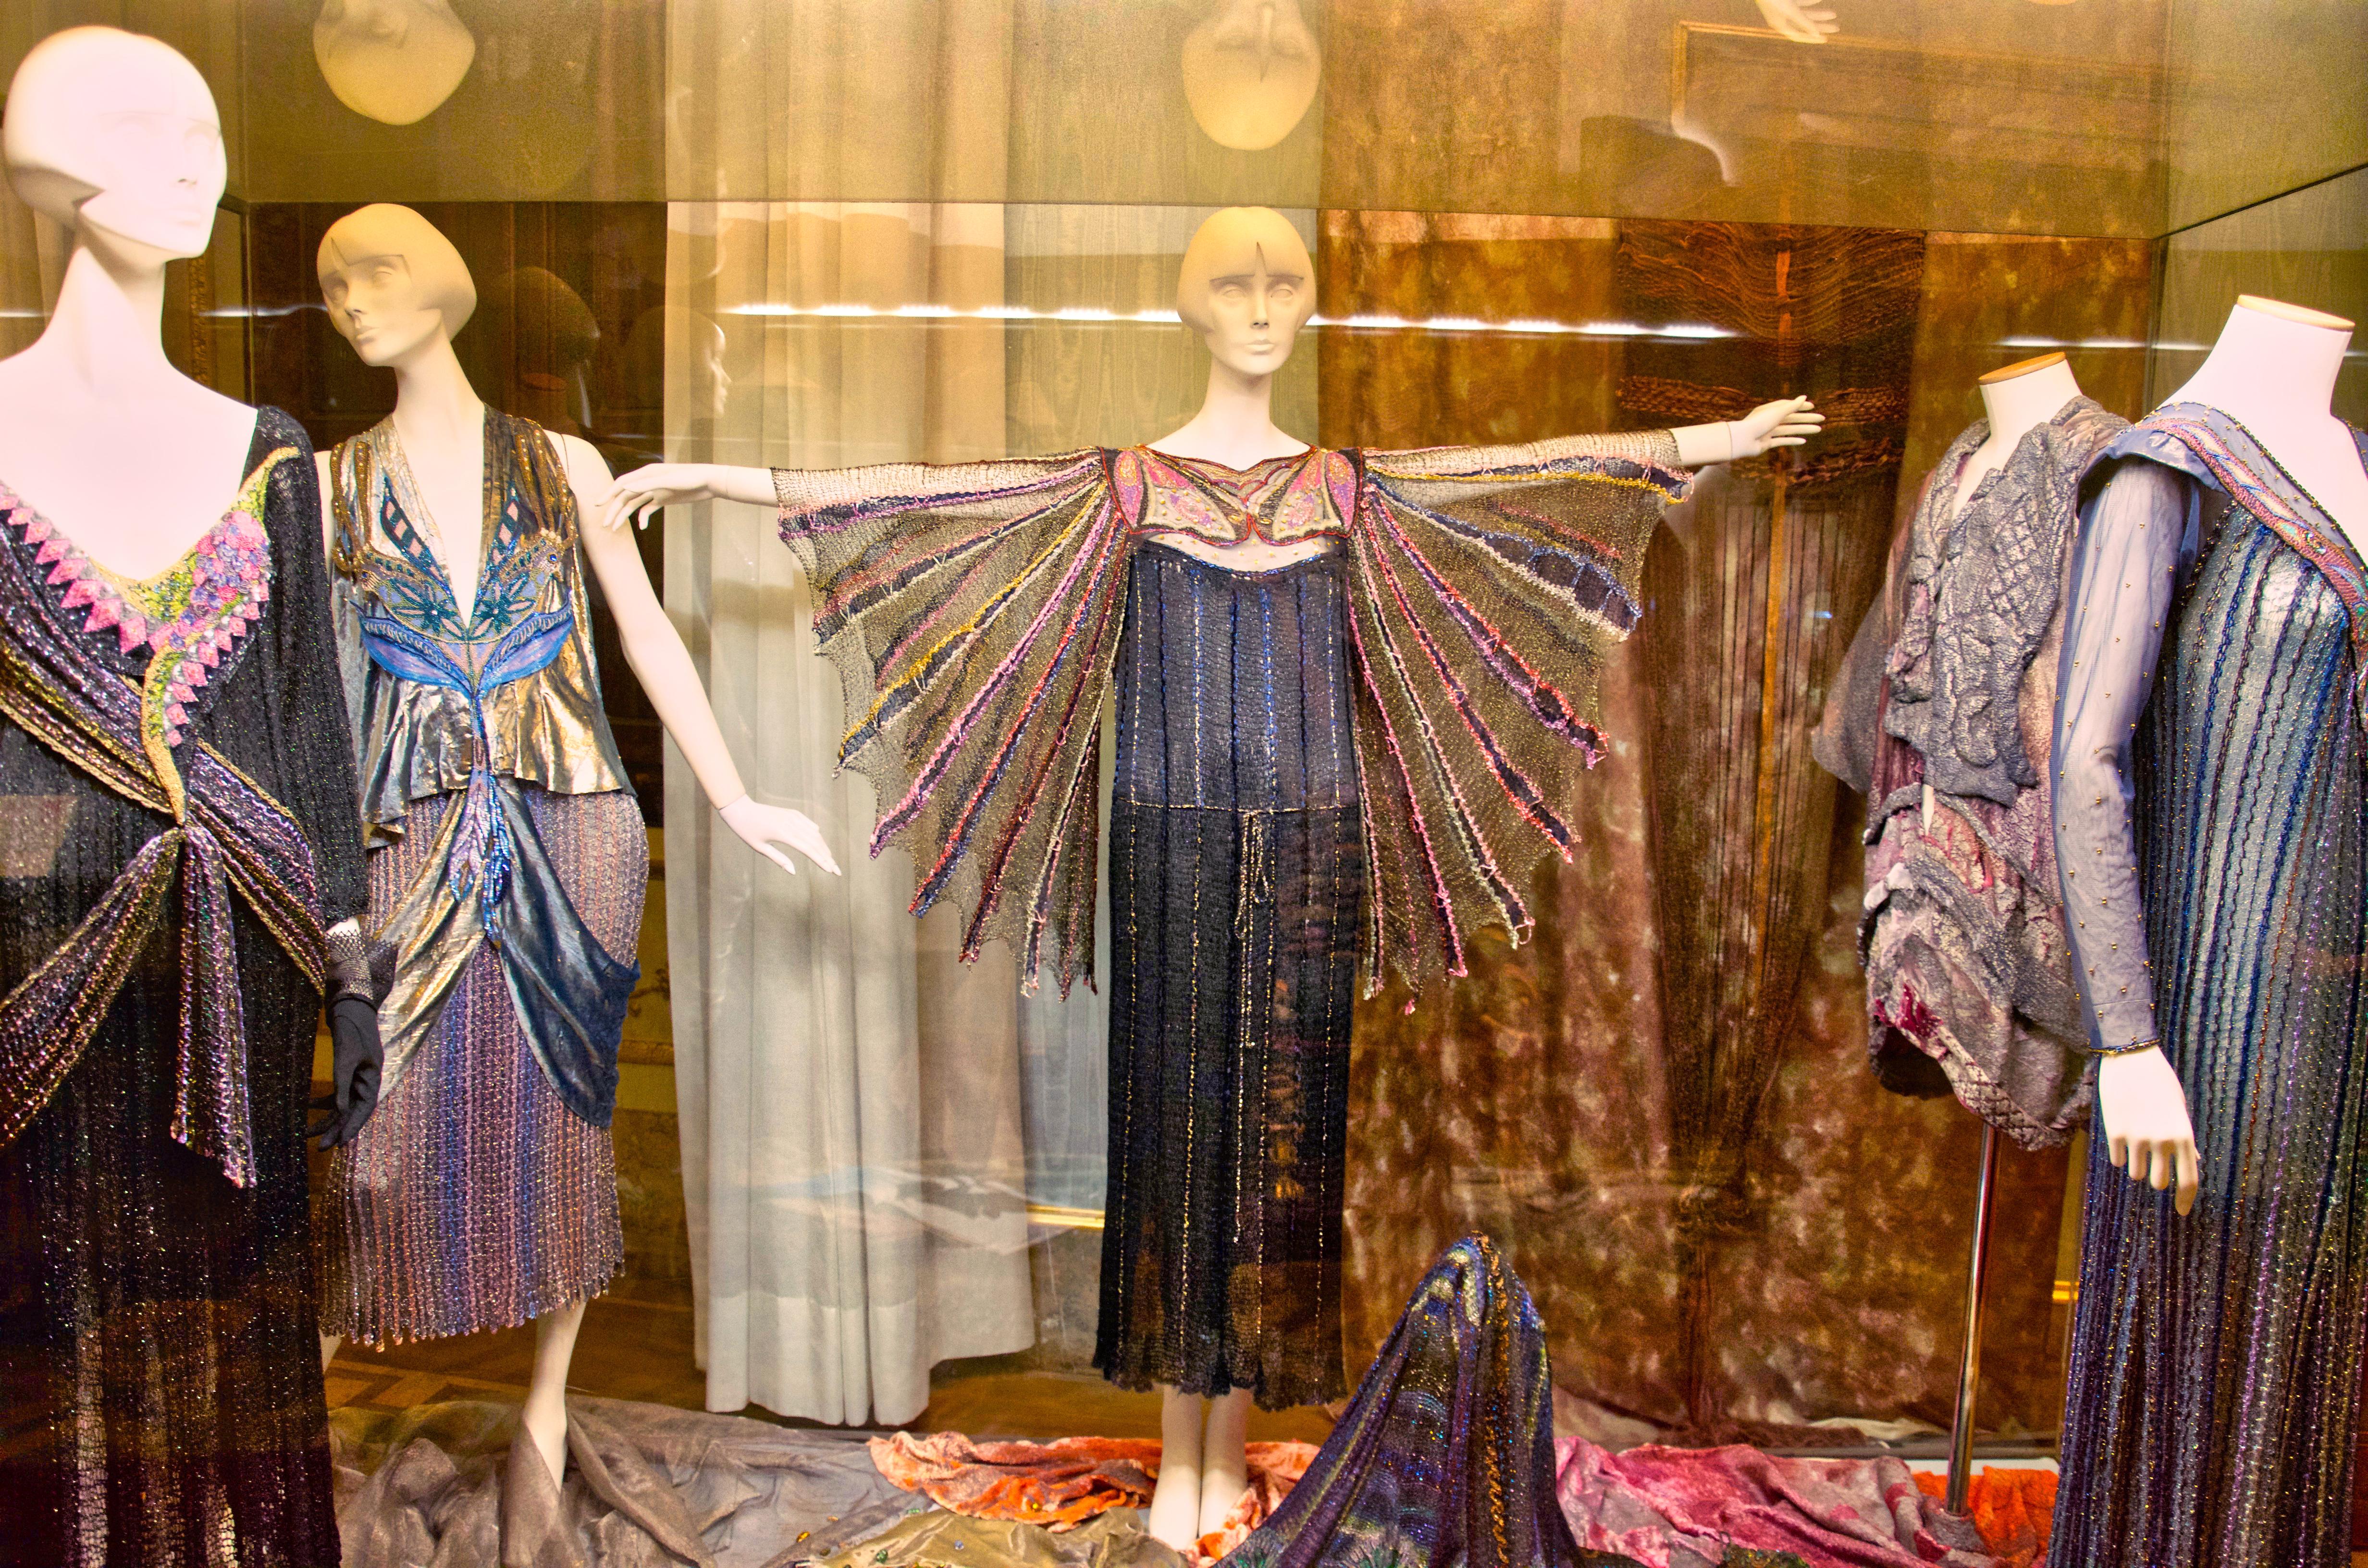 Vestido con alas, en el Pitti.